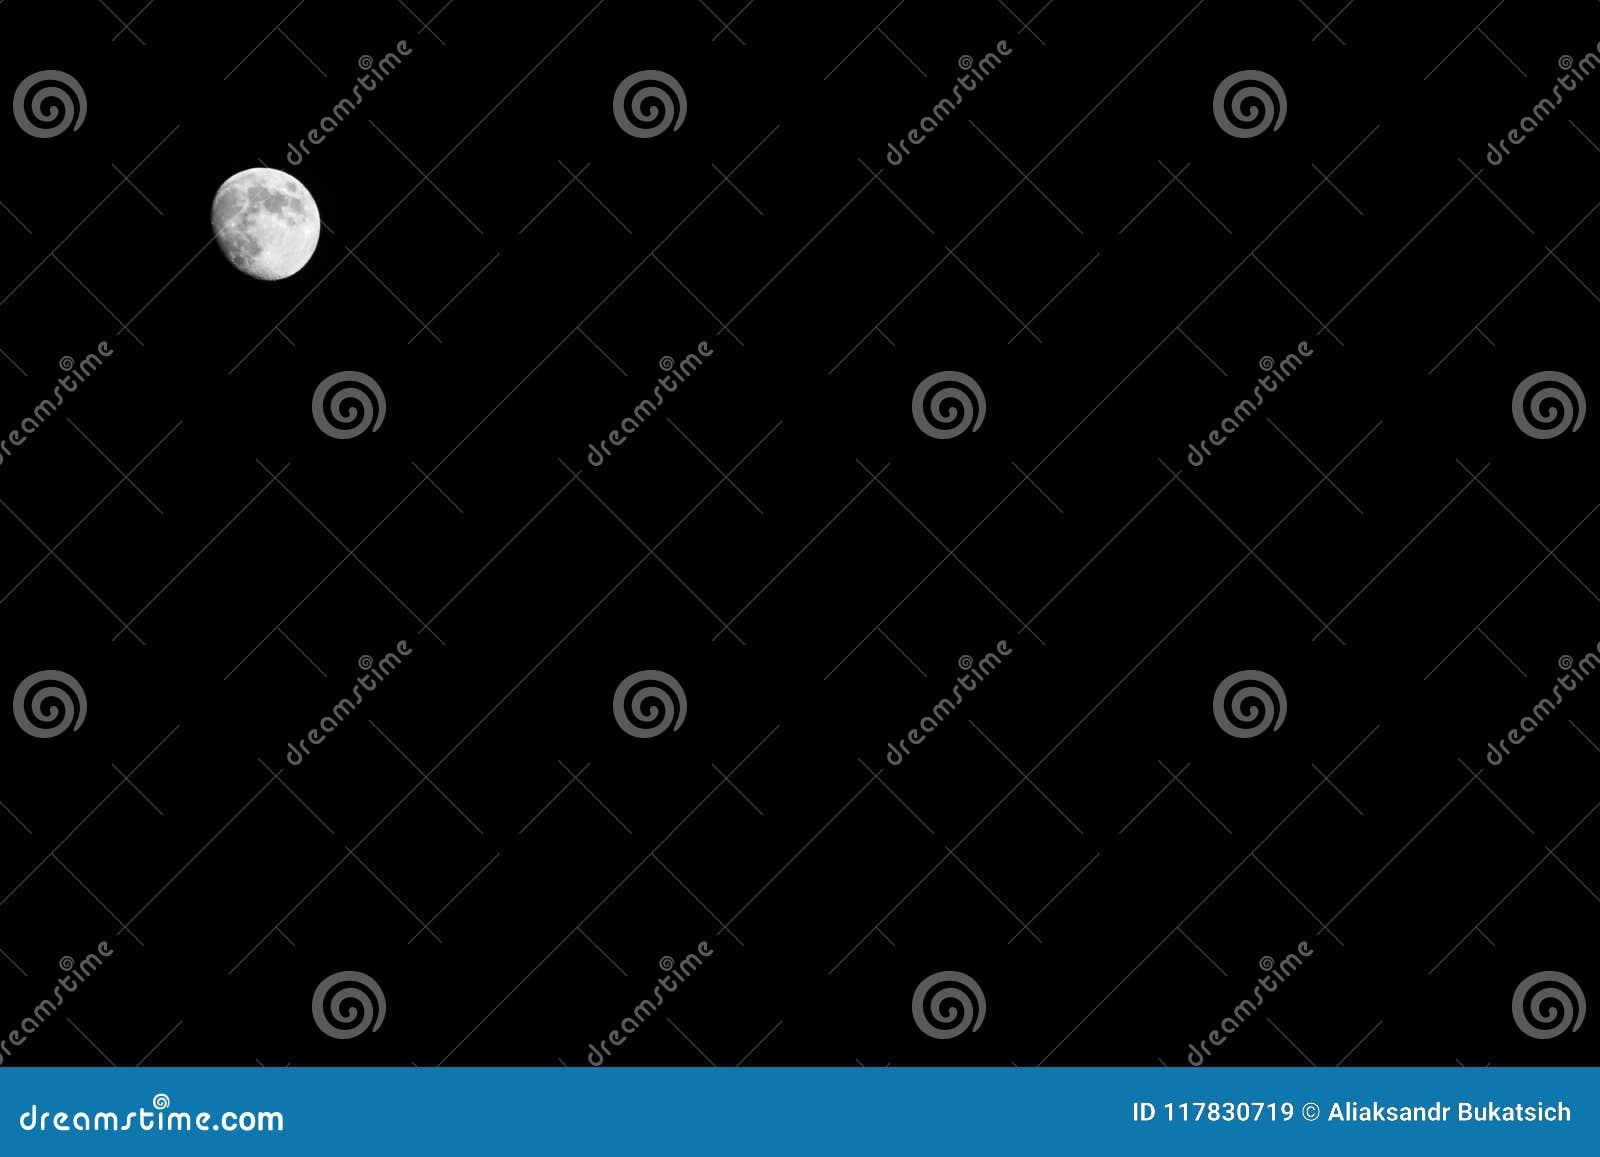 Heller kleiner voller weißer Mond auf einem schwarzen Himmel nachts, Hintergrund, Kopienraum